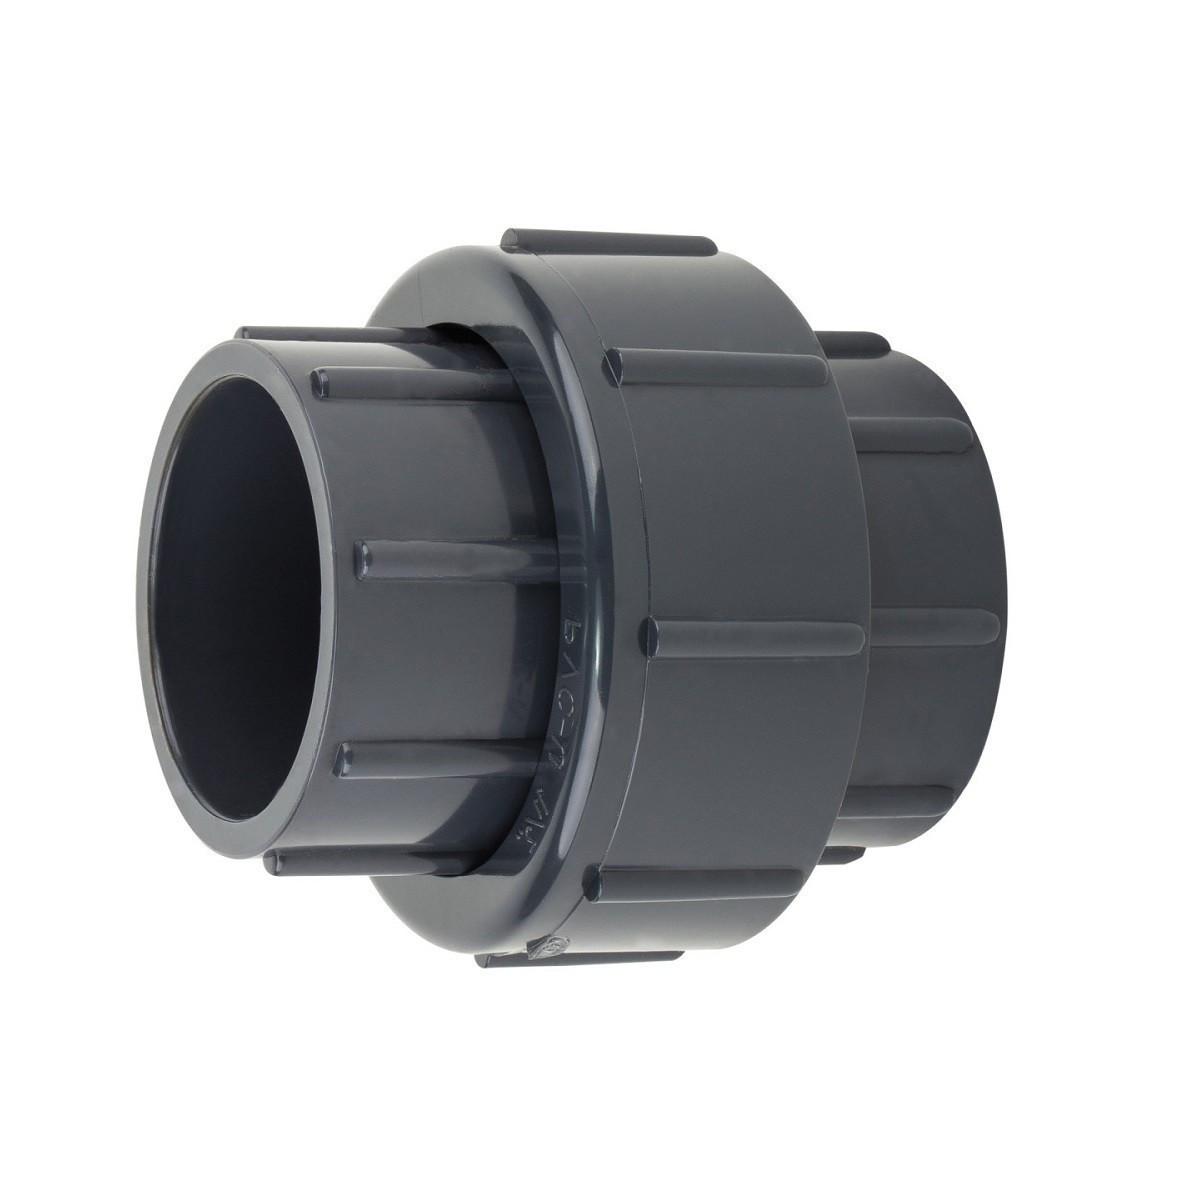 Муфта ПВХ Aquaviva разборная клей-клей, диаметр 90 мм.